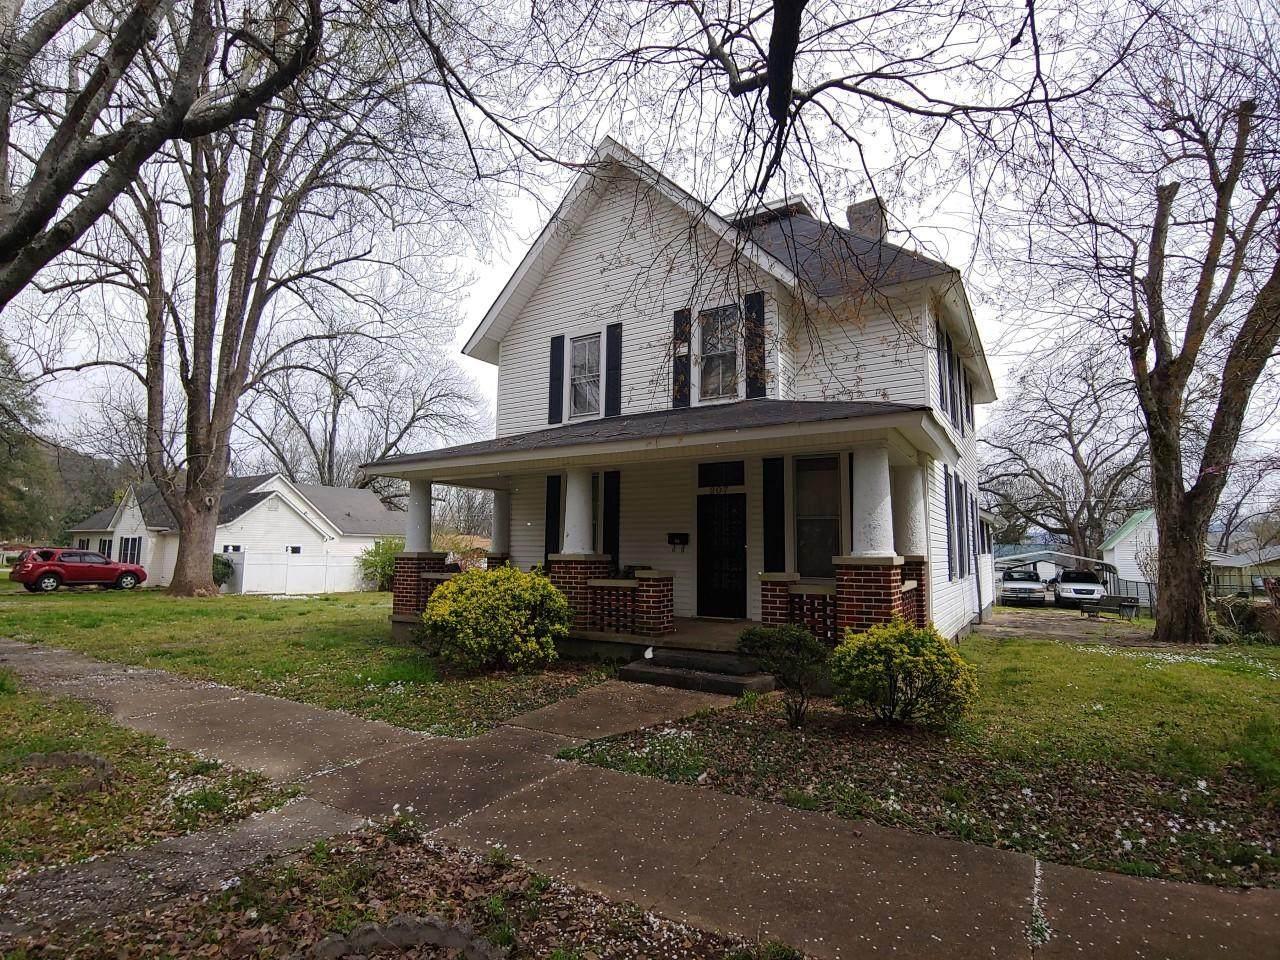 207 Magnolia Ave - Photo 1